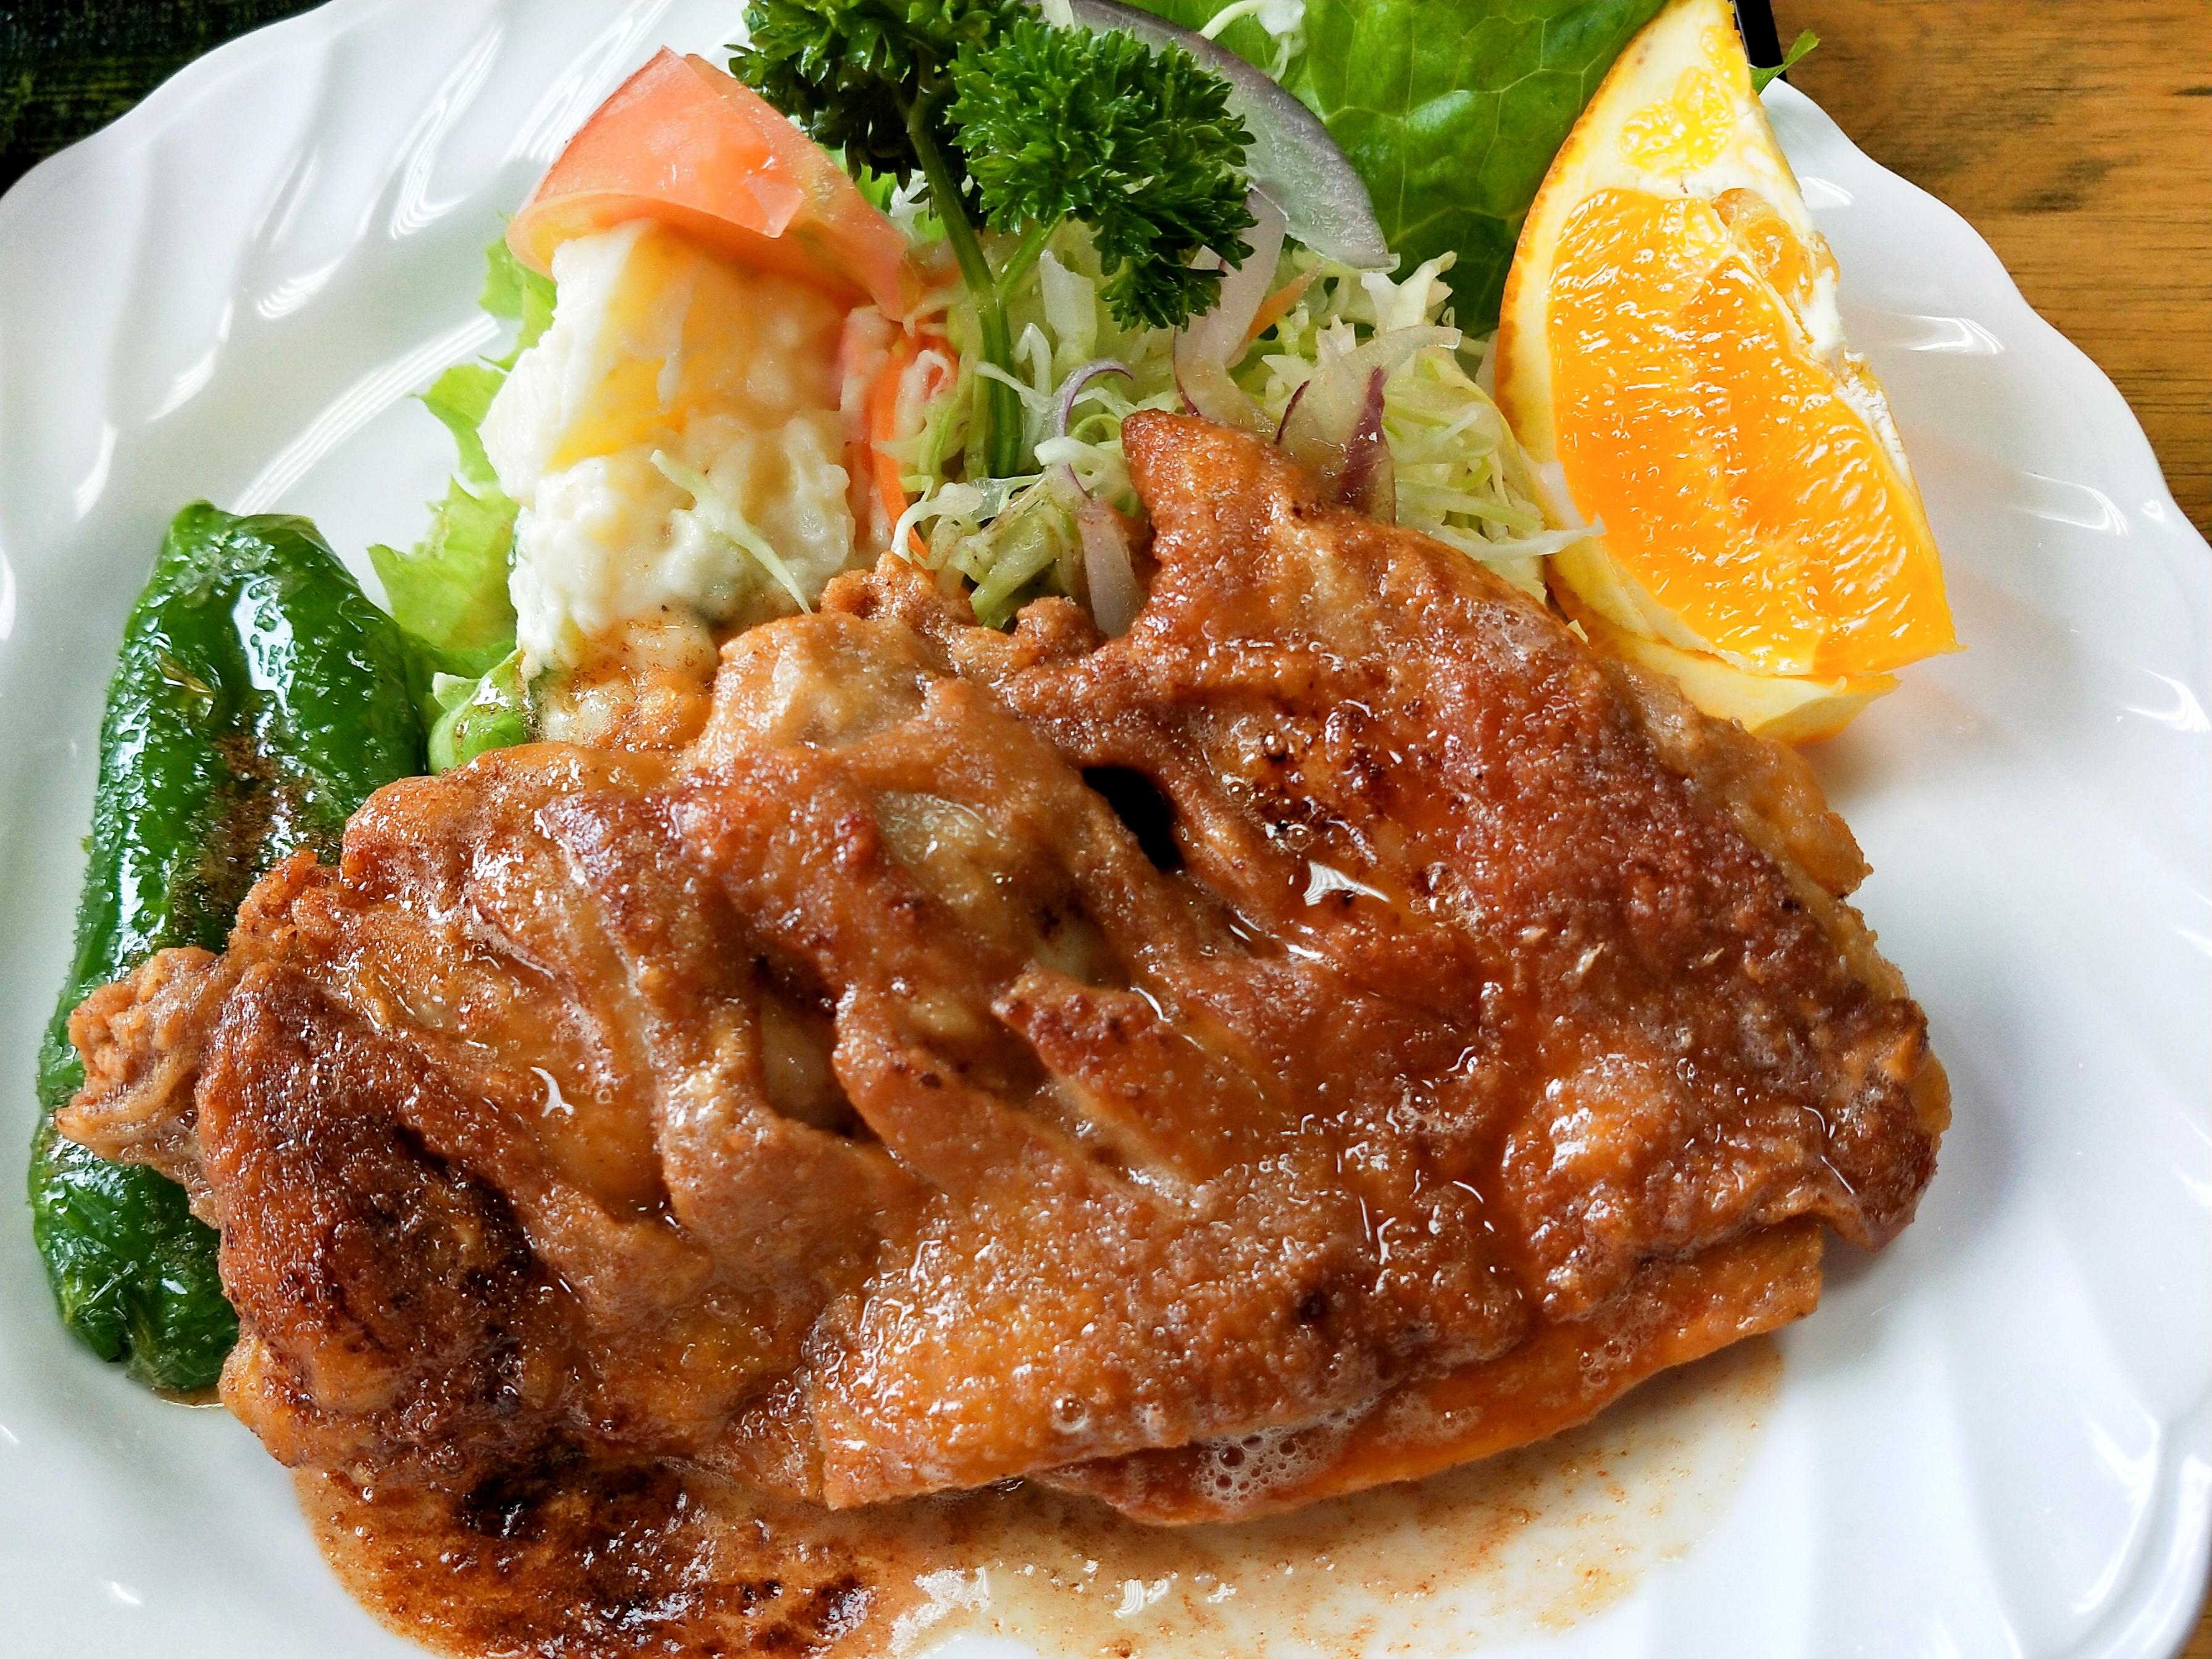 卯之町駅徒歩5分!西予市宇和にある「みのり」で絶品「チキンバター焼き定食」を食べてきました!